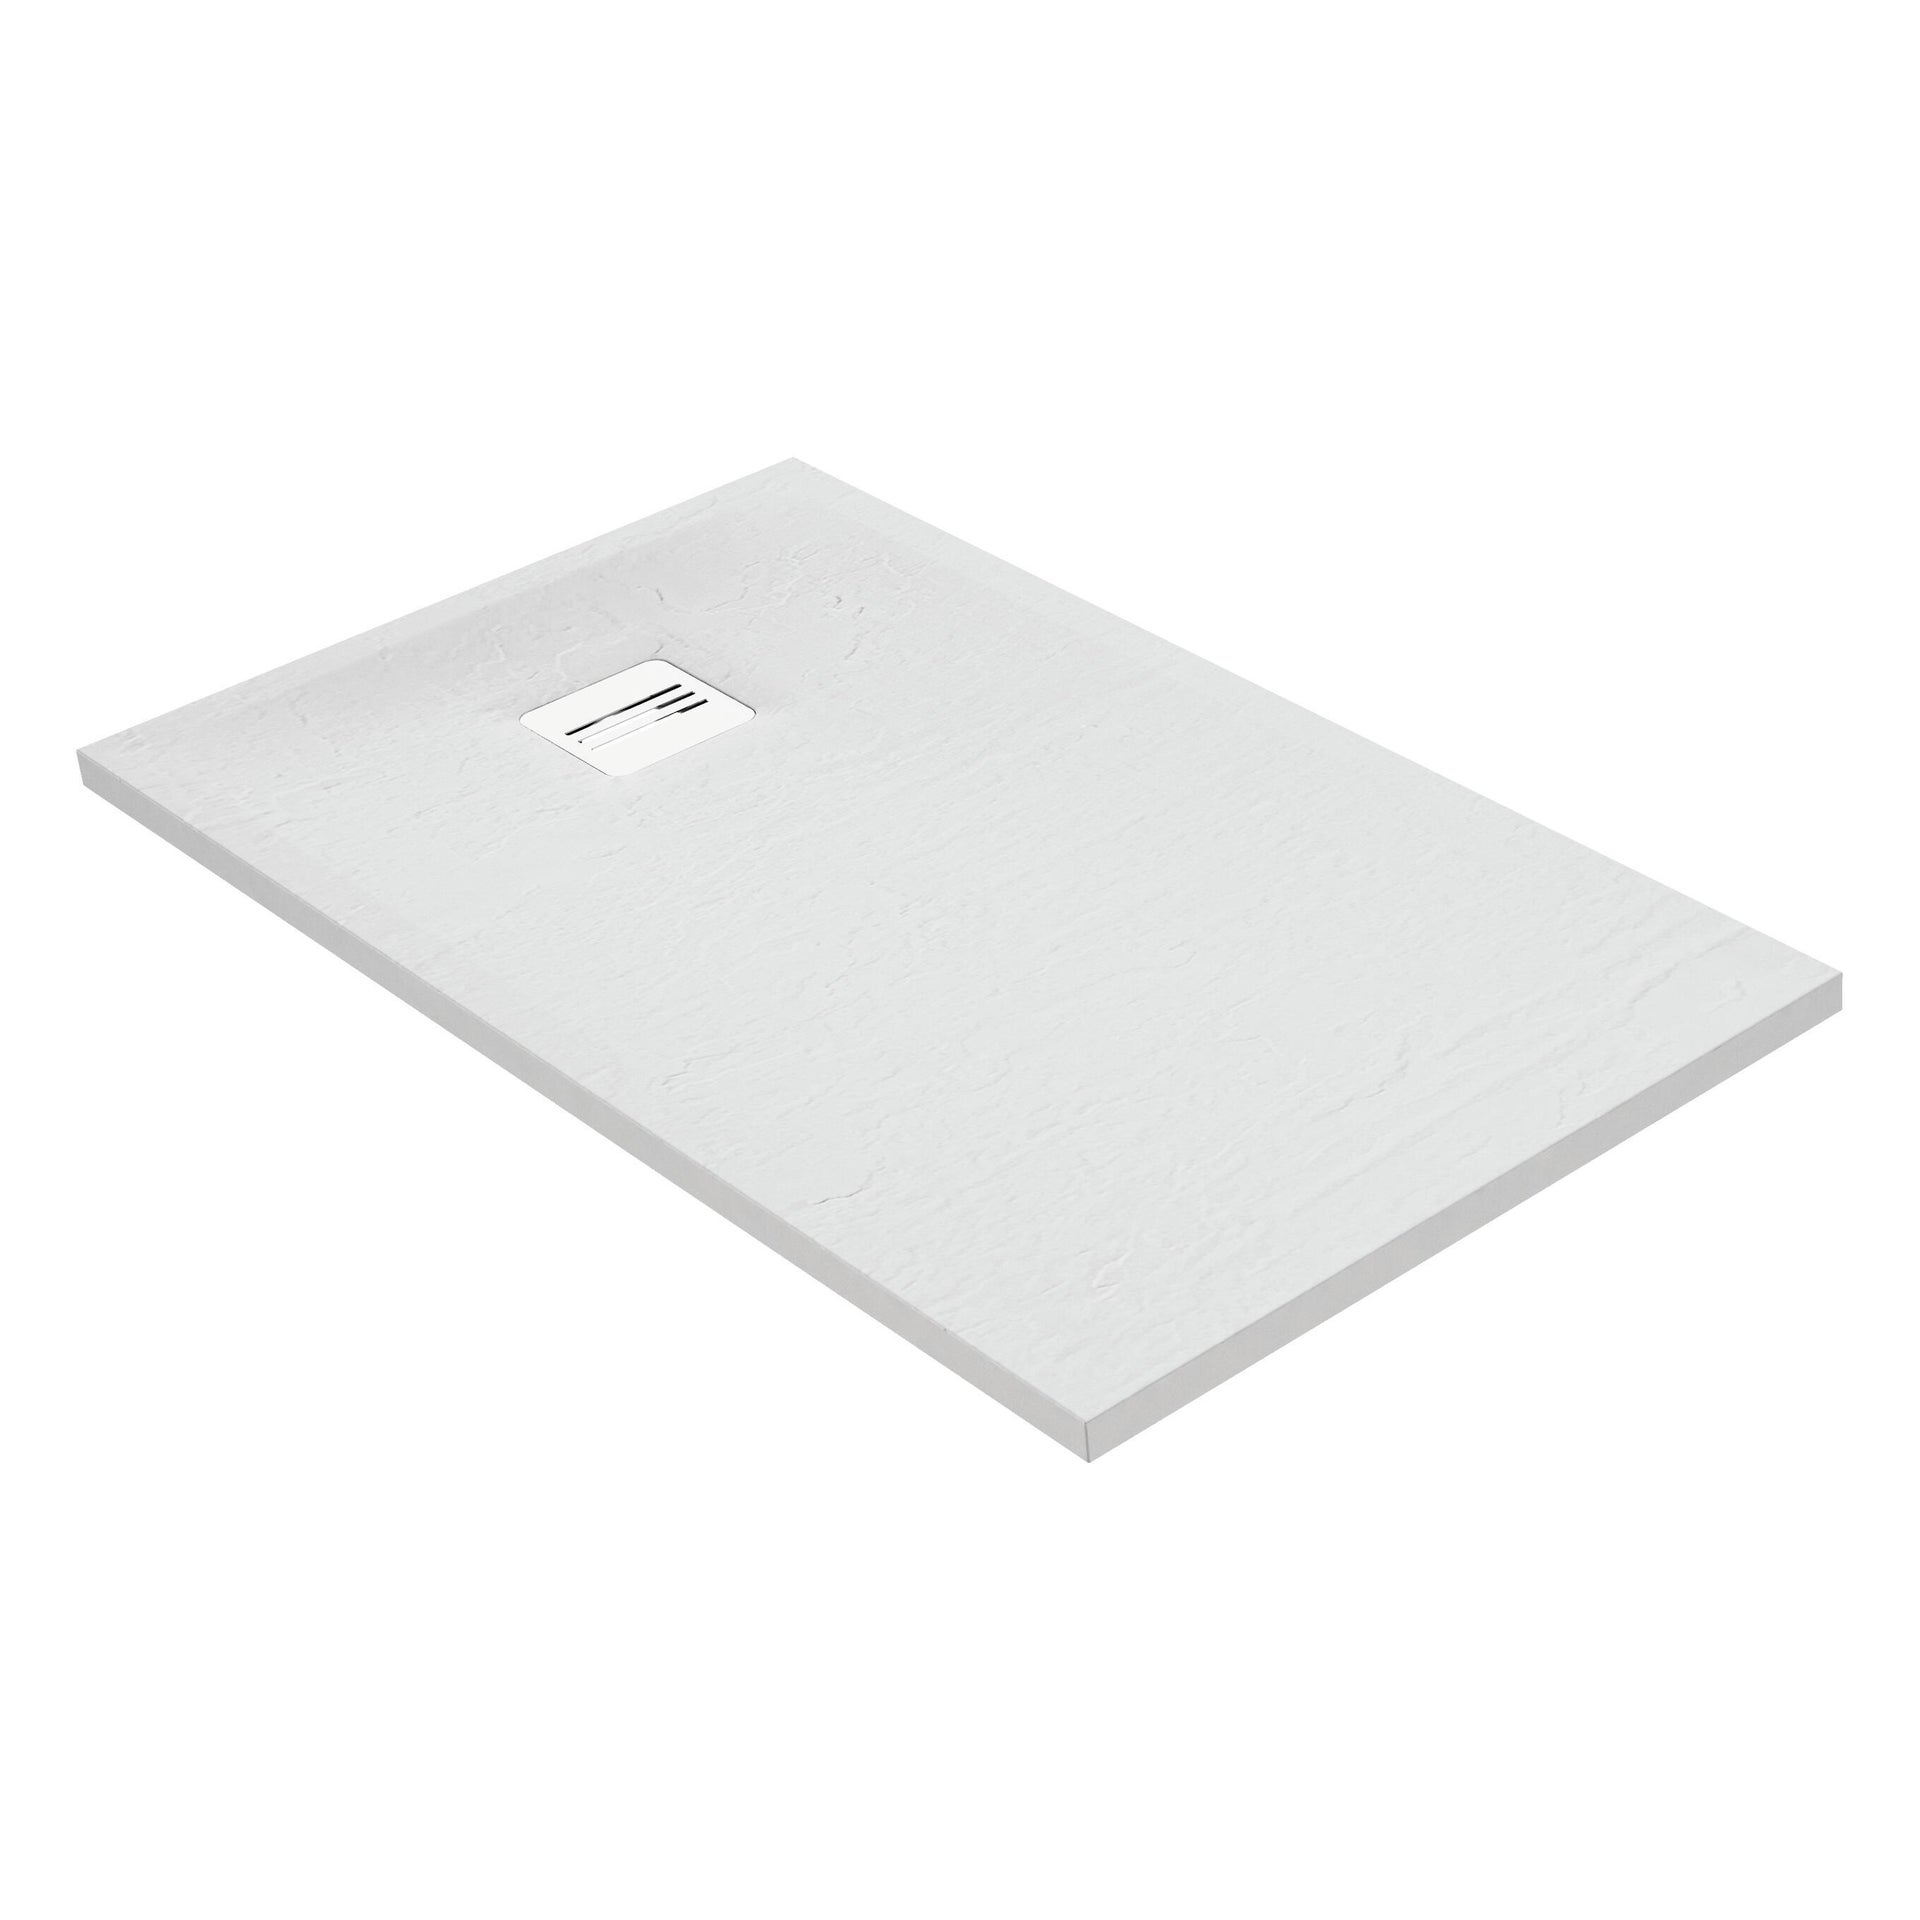 Piatto doccia ultrasottile resina sintetica e polvere di marmo Remix 70 x 120 cm bianco - 3